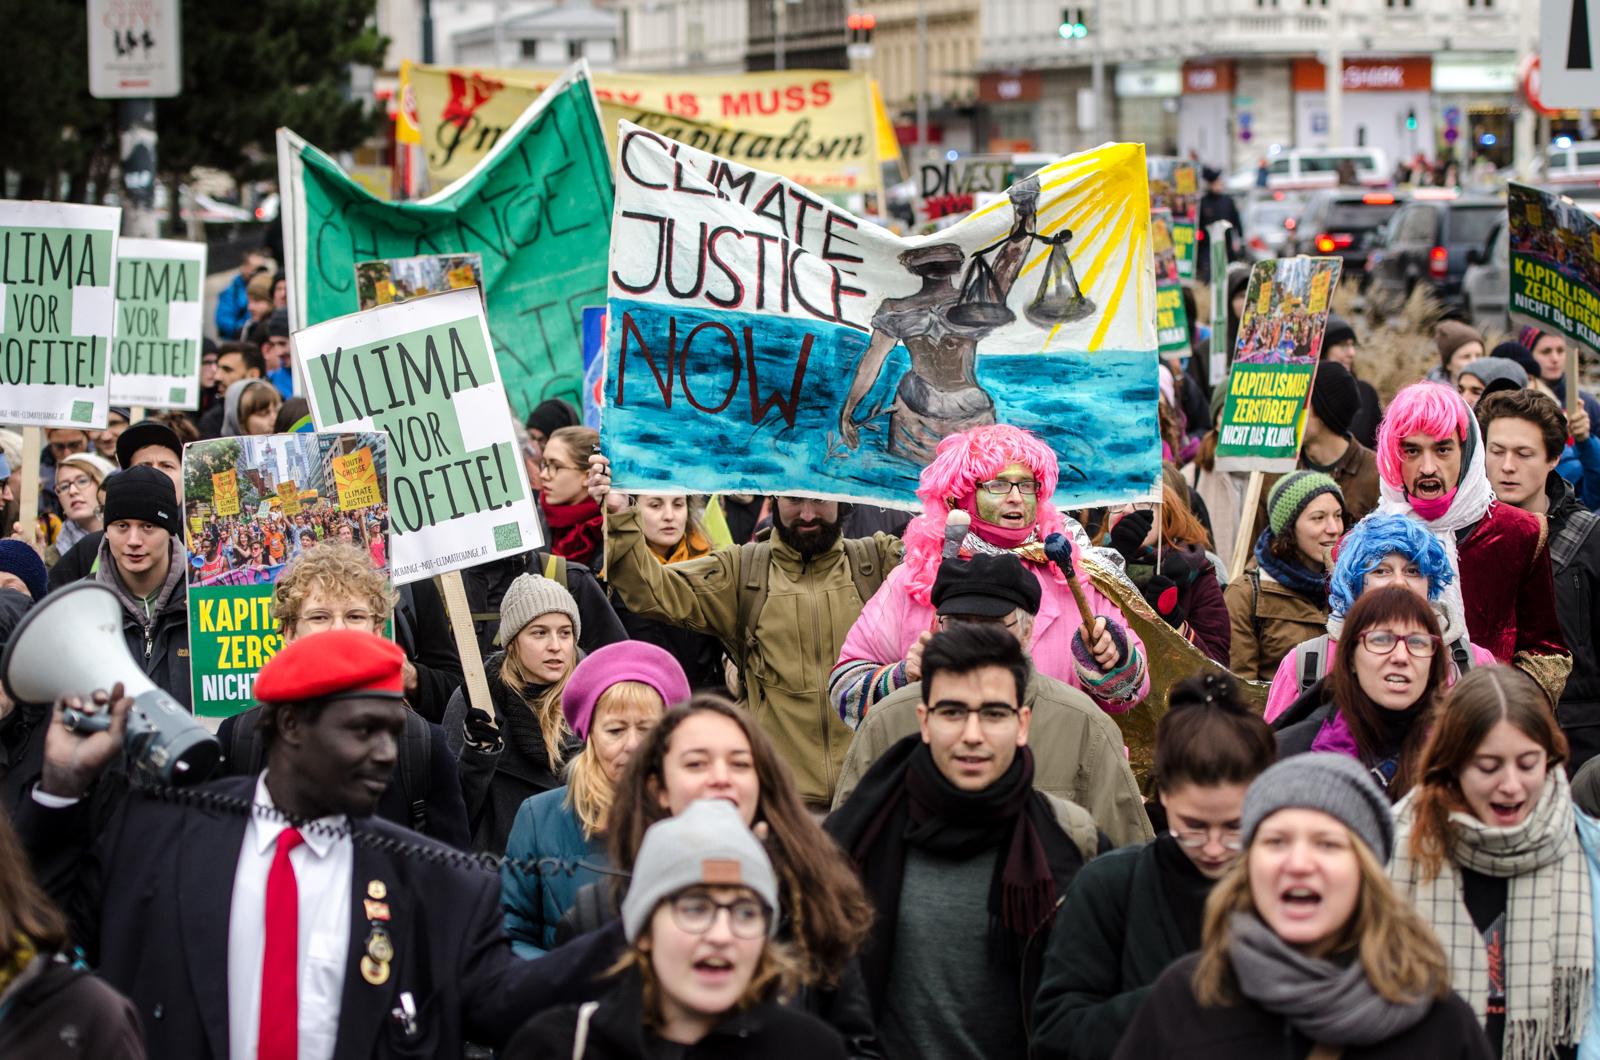 Klima Demo Wien News: Um Das Klima Zu Retten, Brauchen Wir Soziale Bewegungen